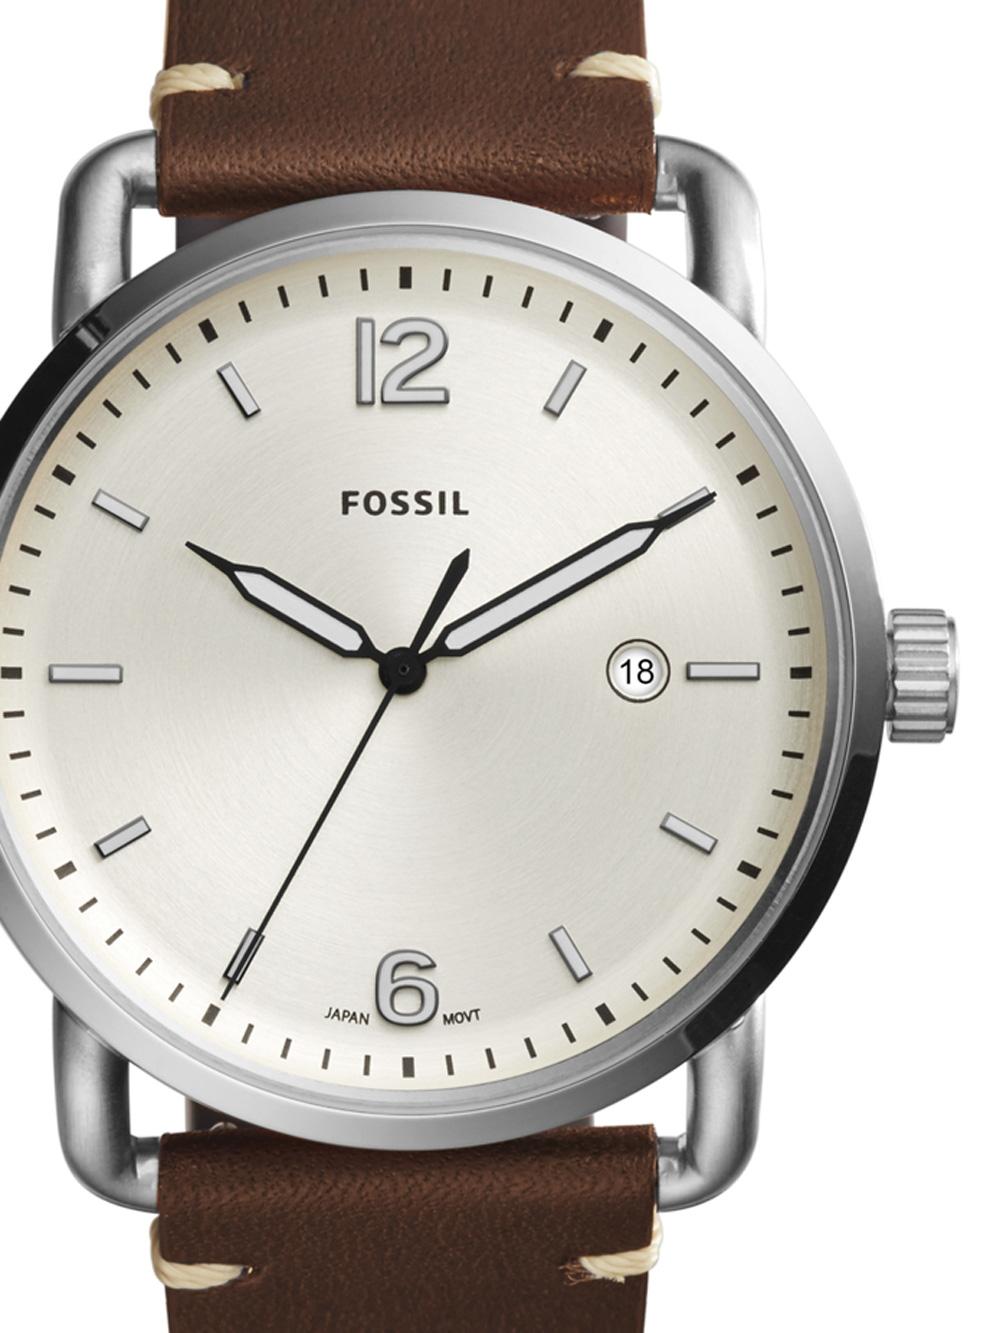 Fossil FS5275 The Commuter Herren 42mm 5ATM